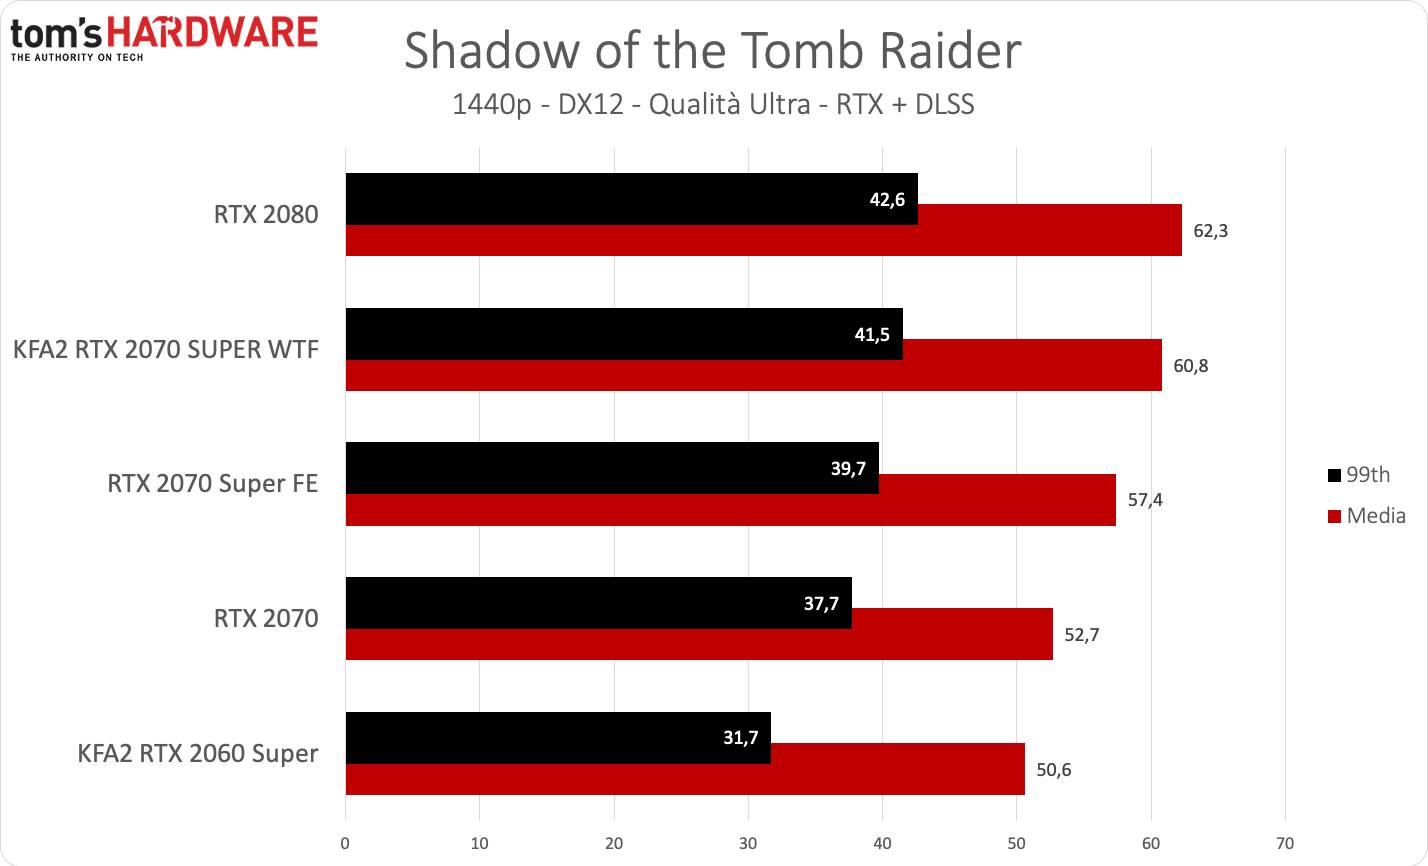 KFA2 RTX 2070 SUPER WTF - Tomb Raider QHD DLSS